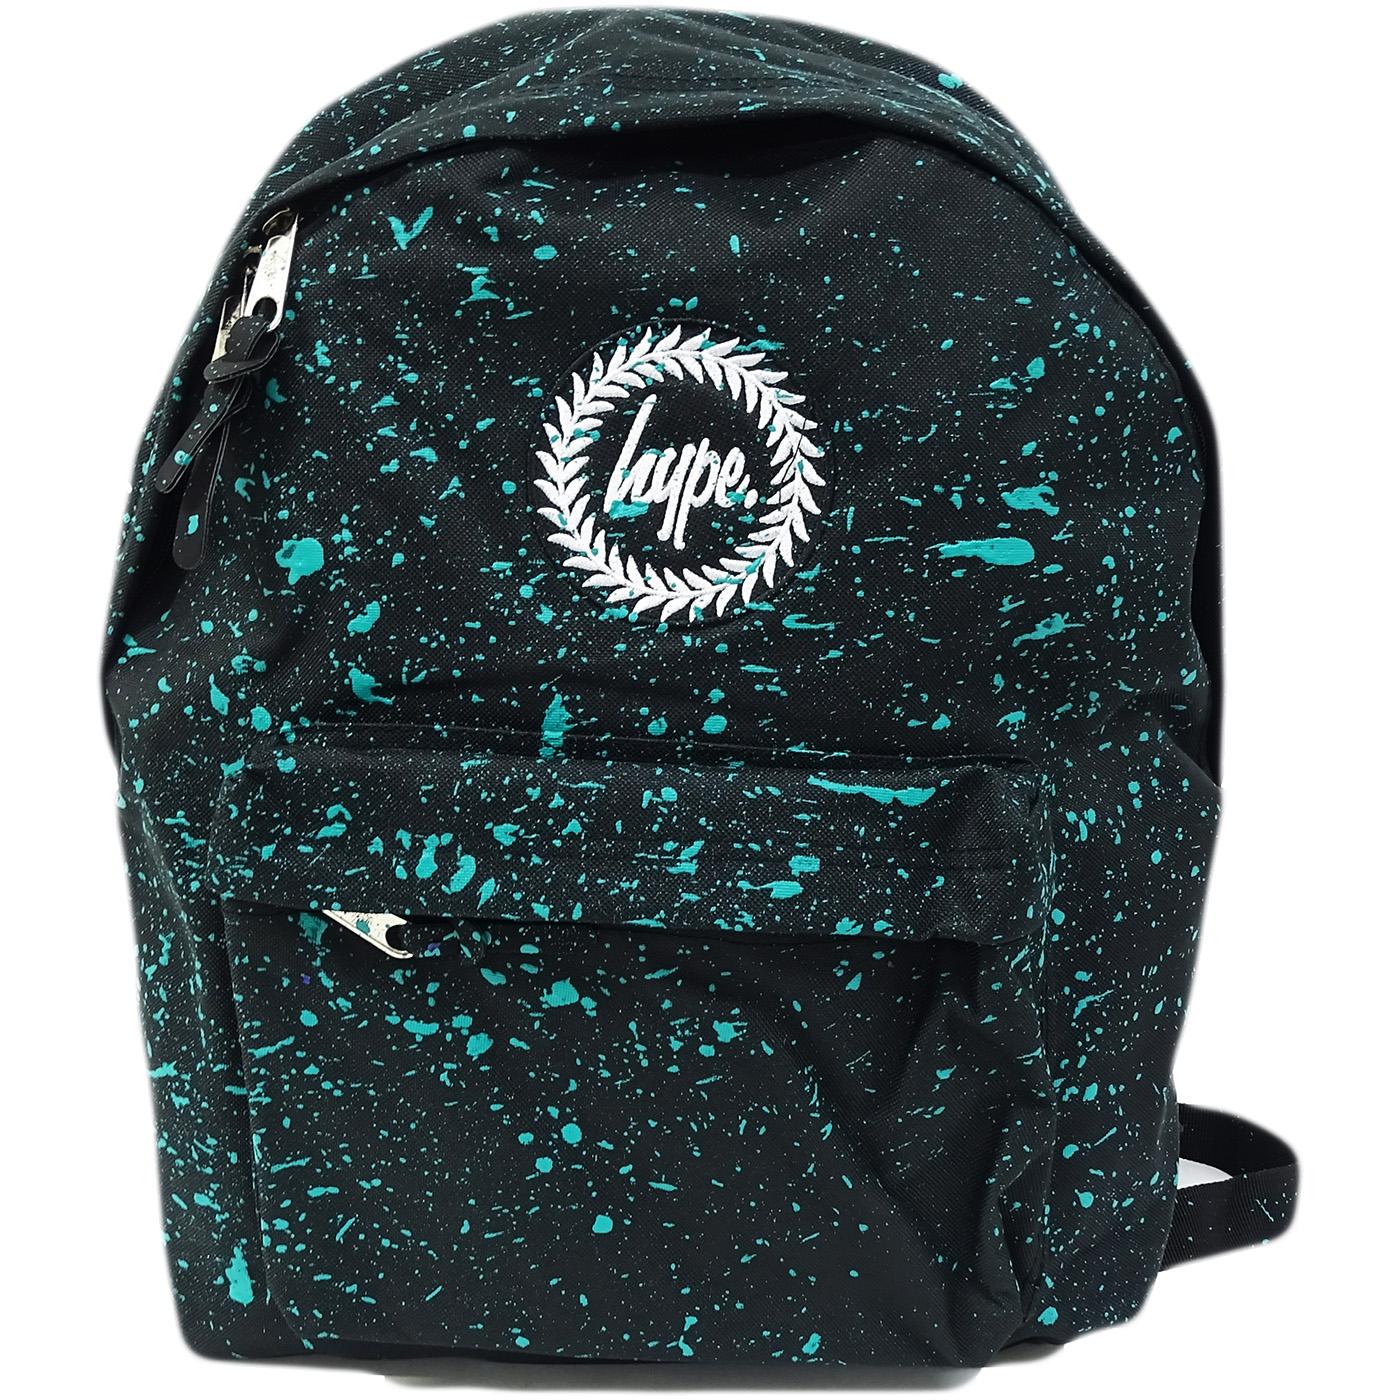 Hype Black with Mint Bag - Boys / Girls Backpack, Rucksack - Splatter